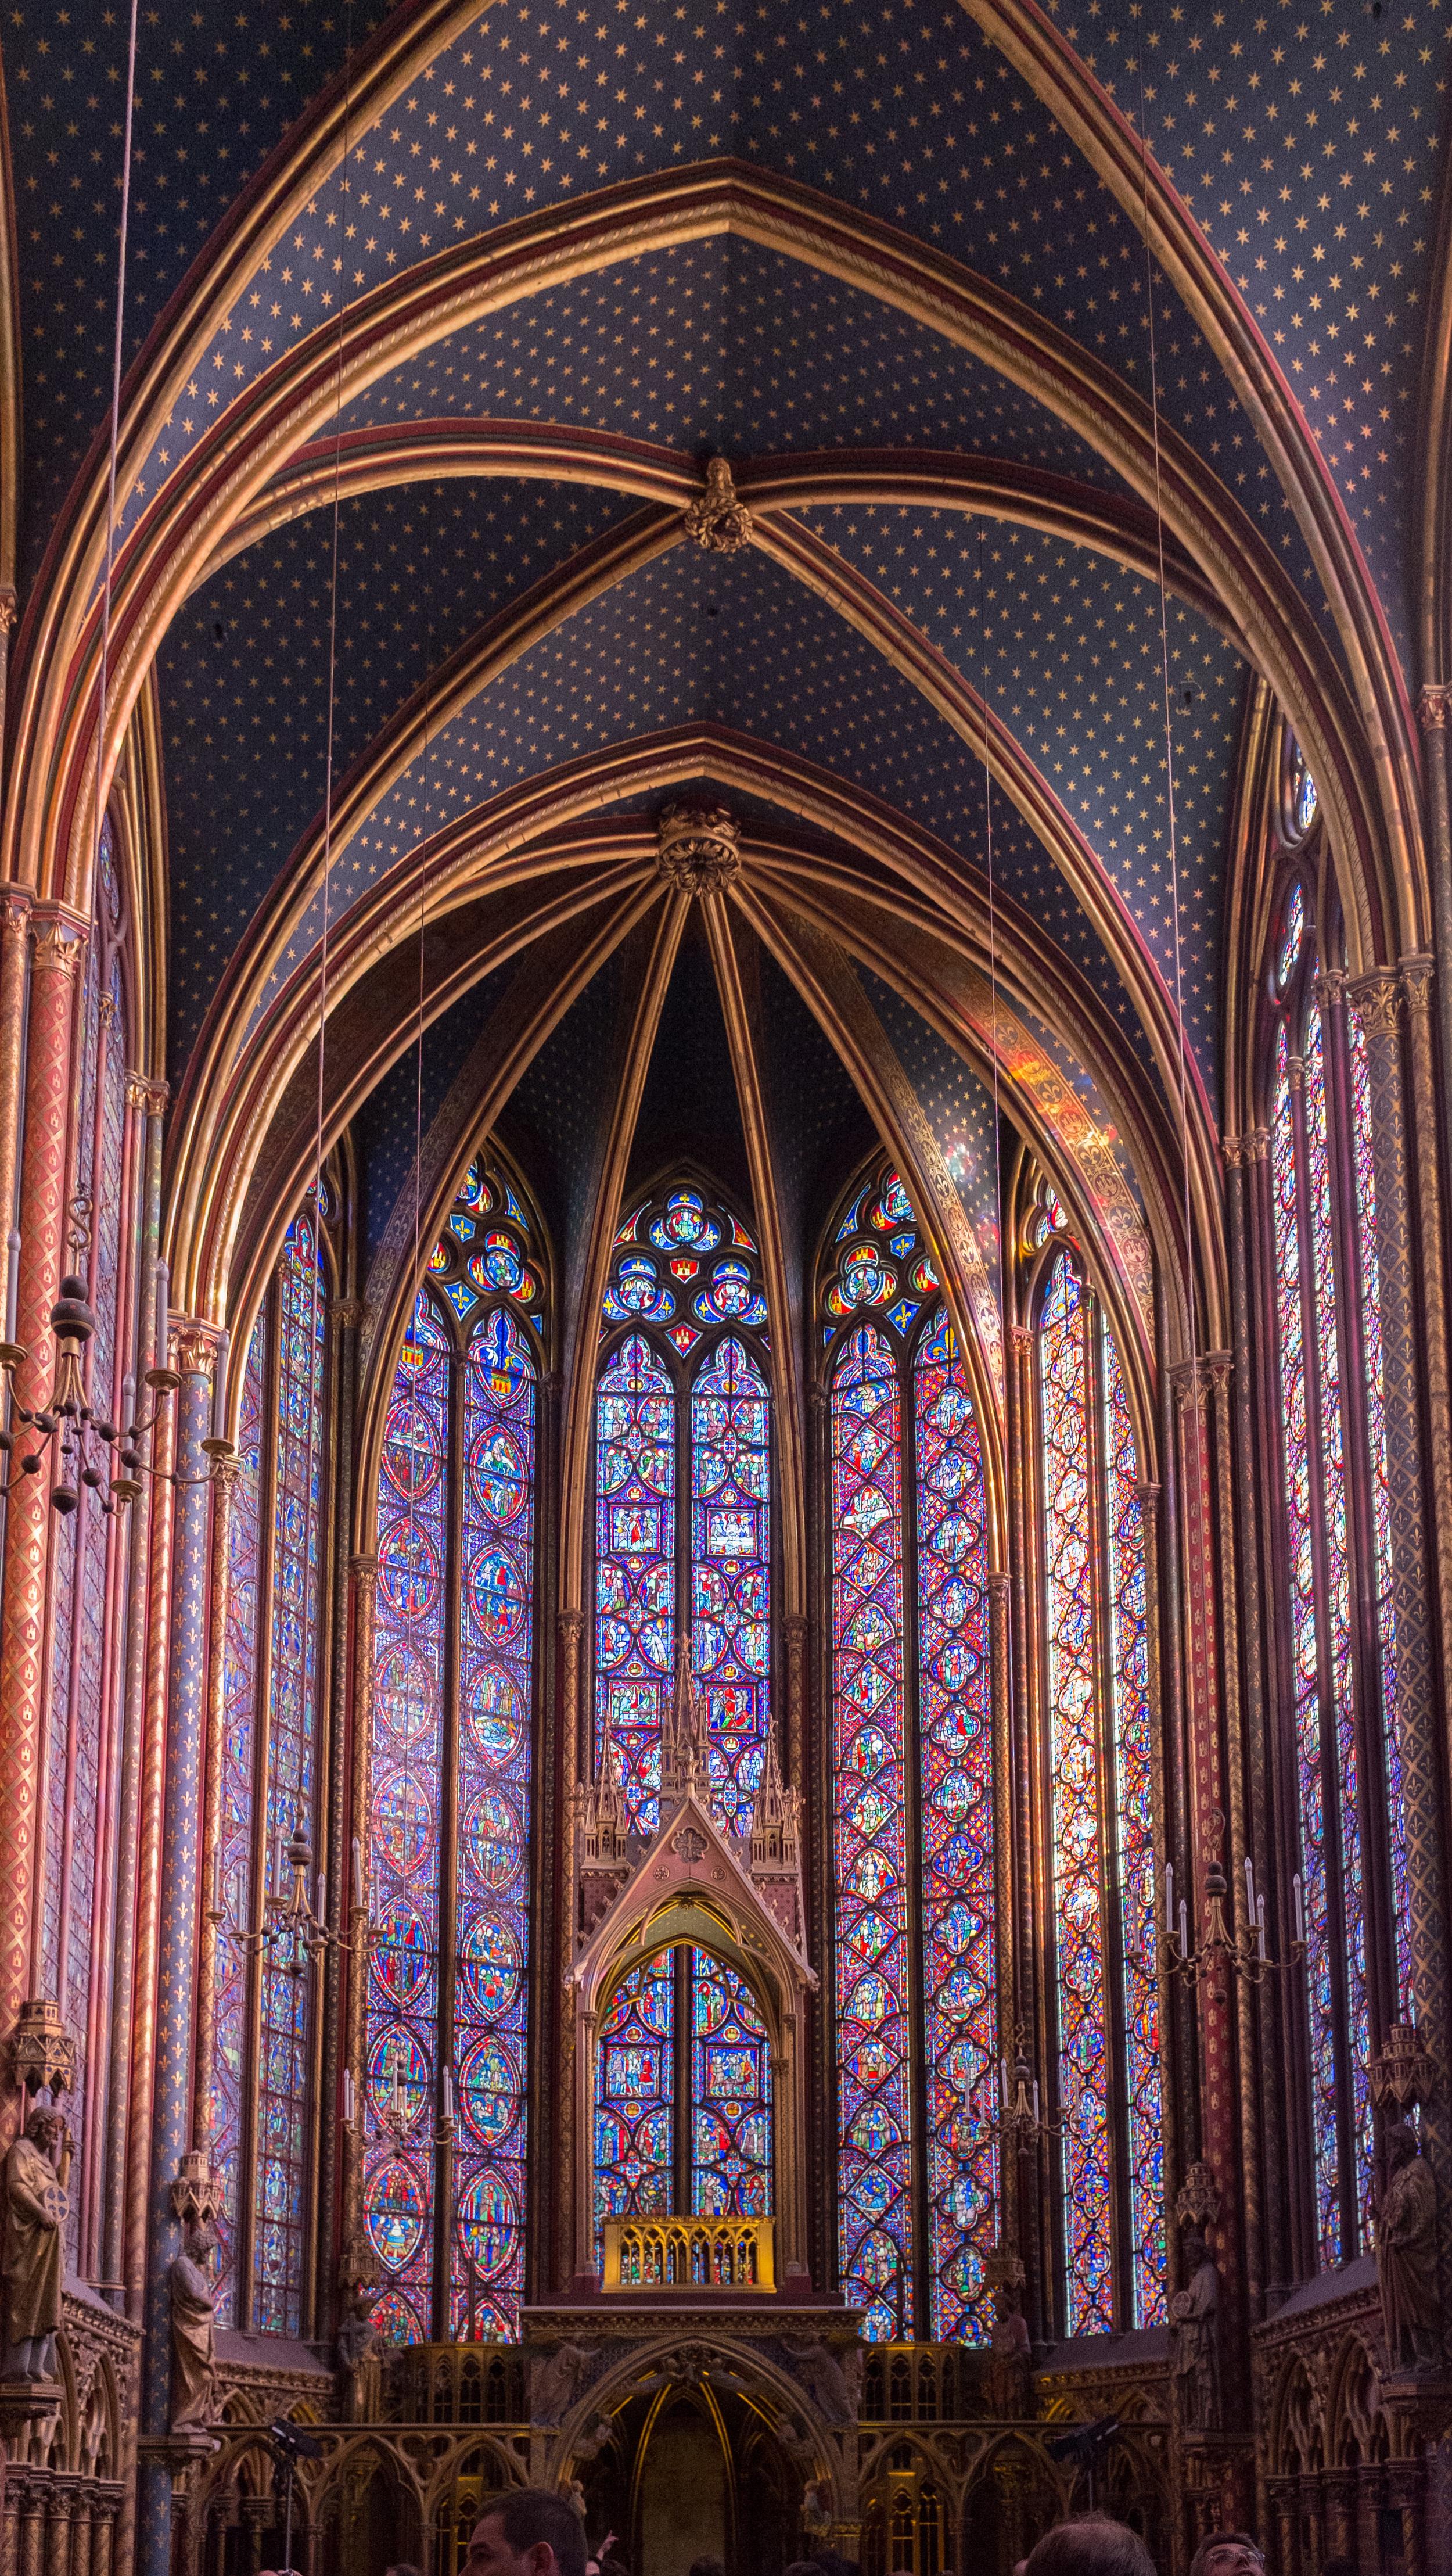 london-britian-cambridge-stmalo-mont-saint-michel-france-normandy-paris-112.jpg